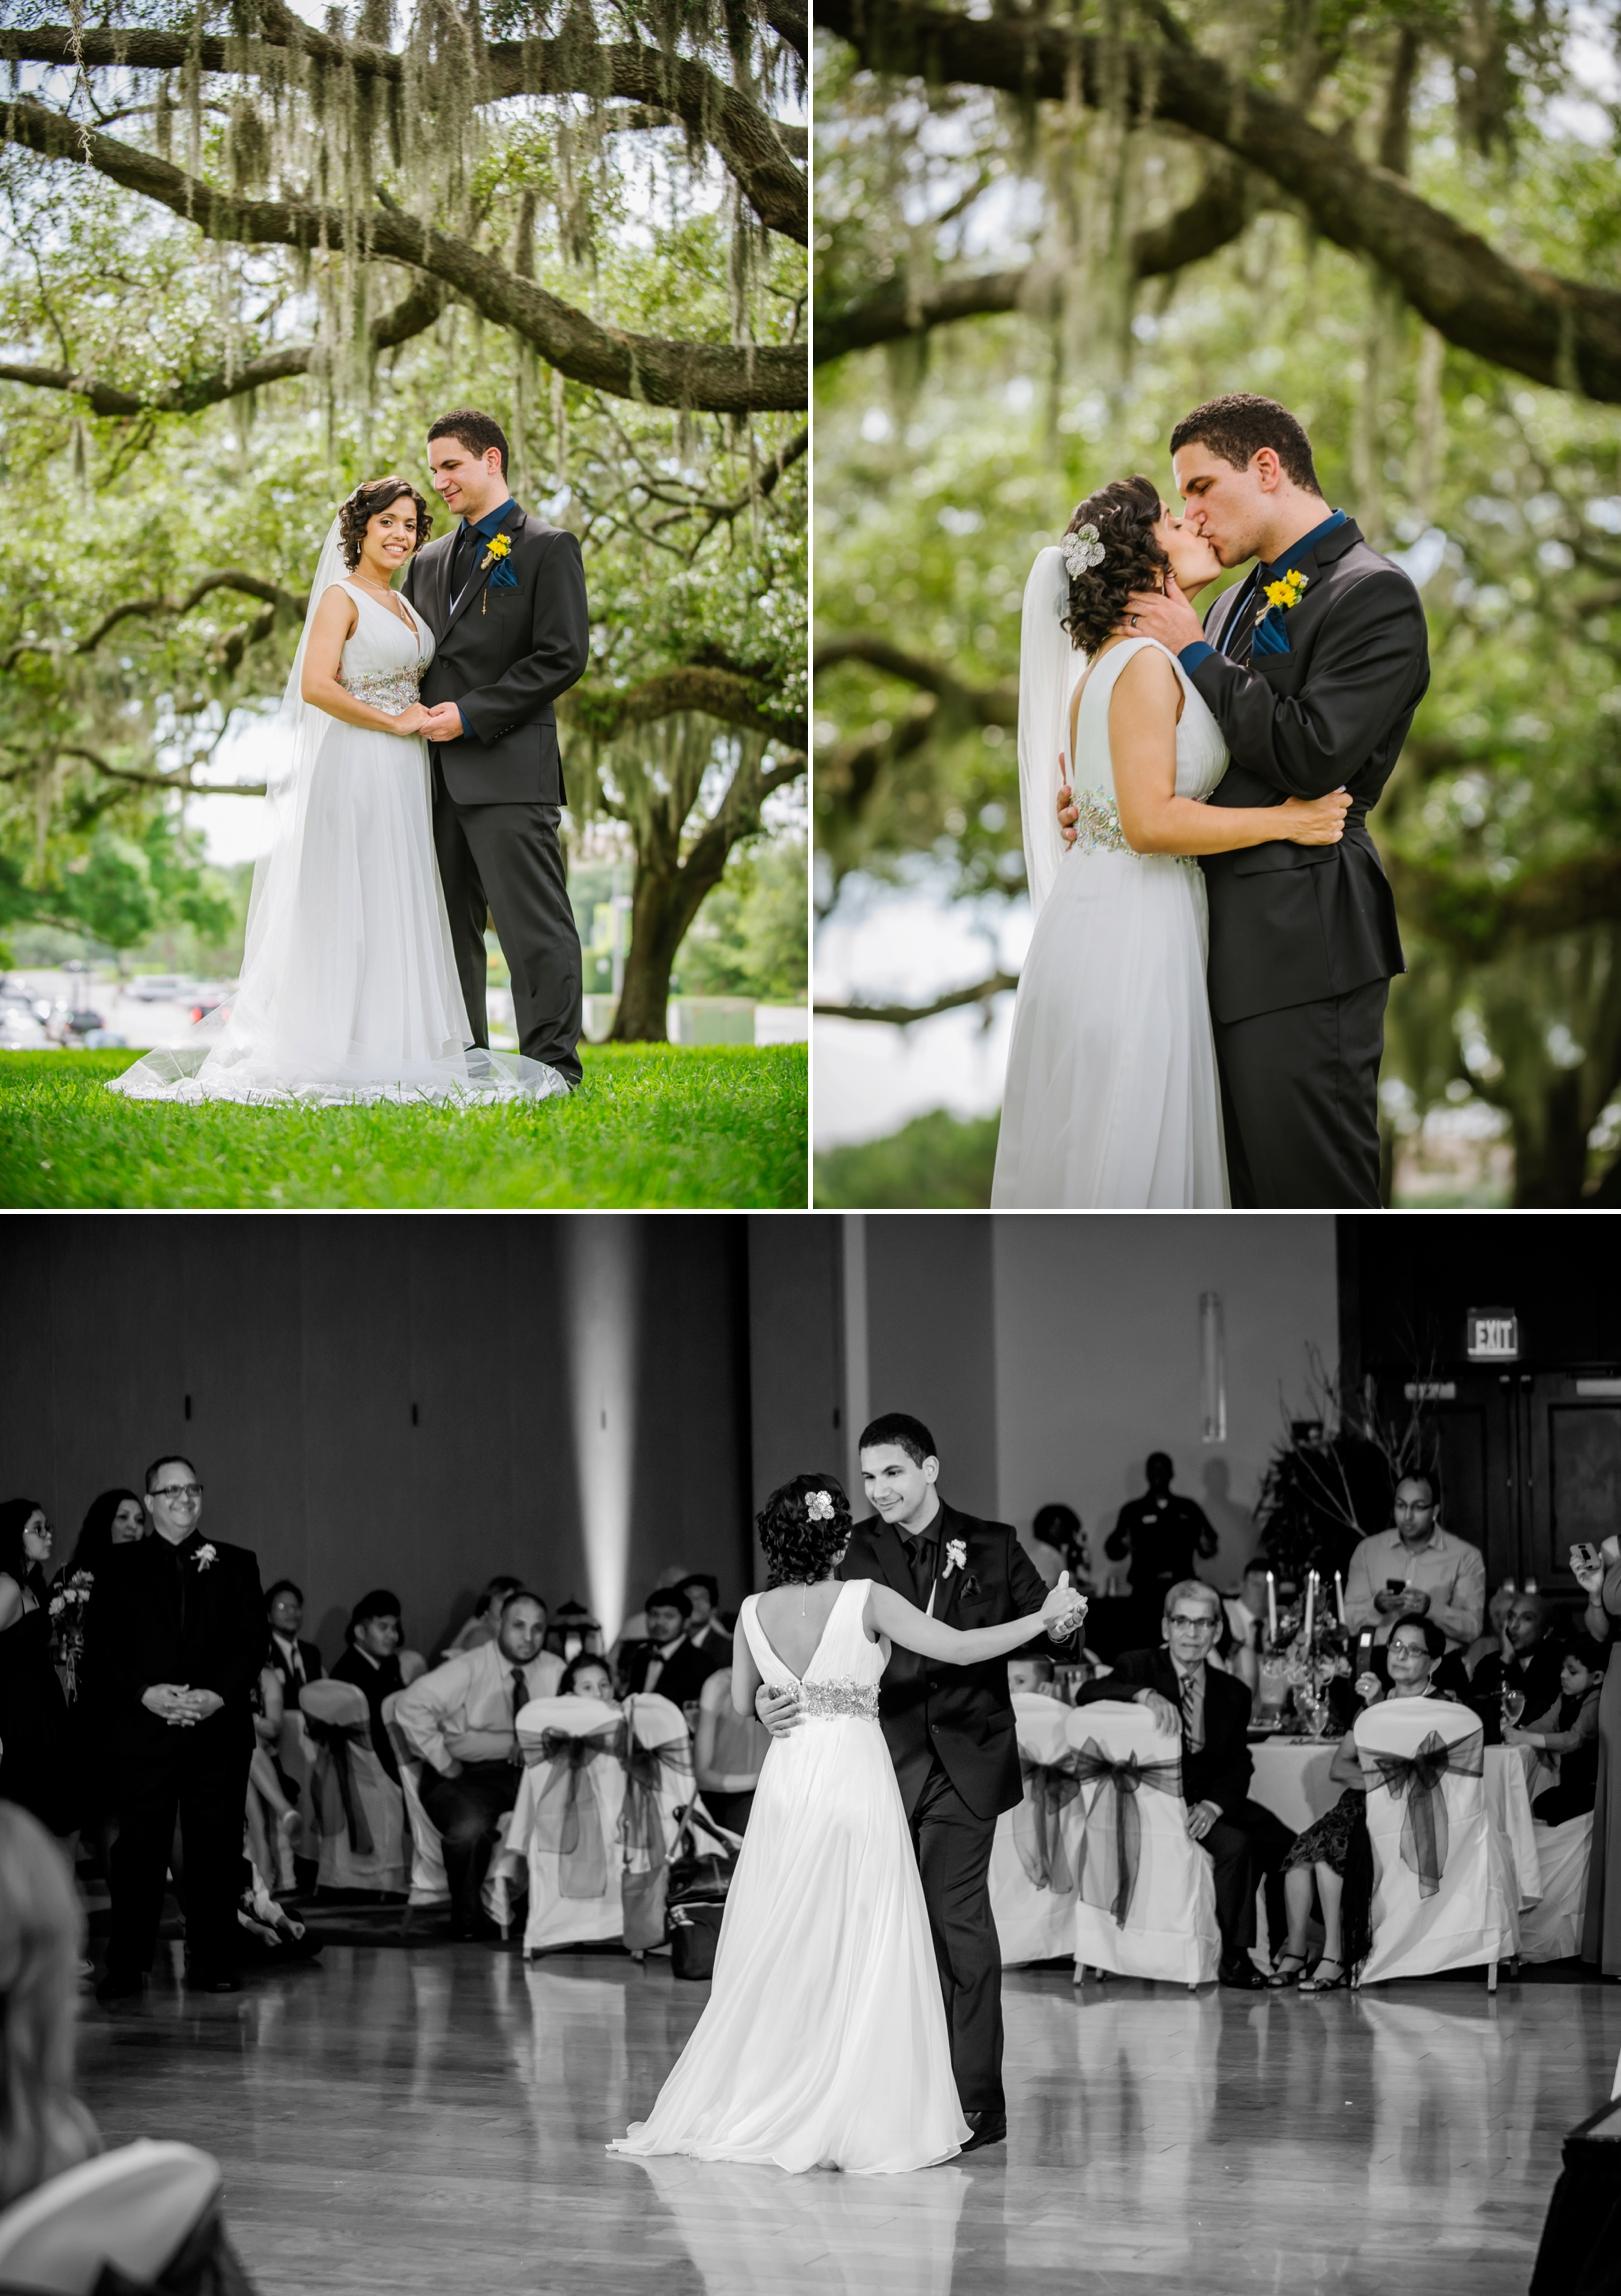 tampa-wedding-photographer-ashlee-hamon-usf_0018.jpg